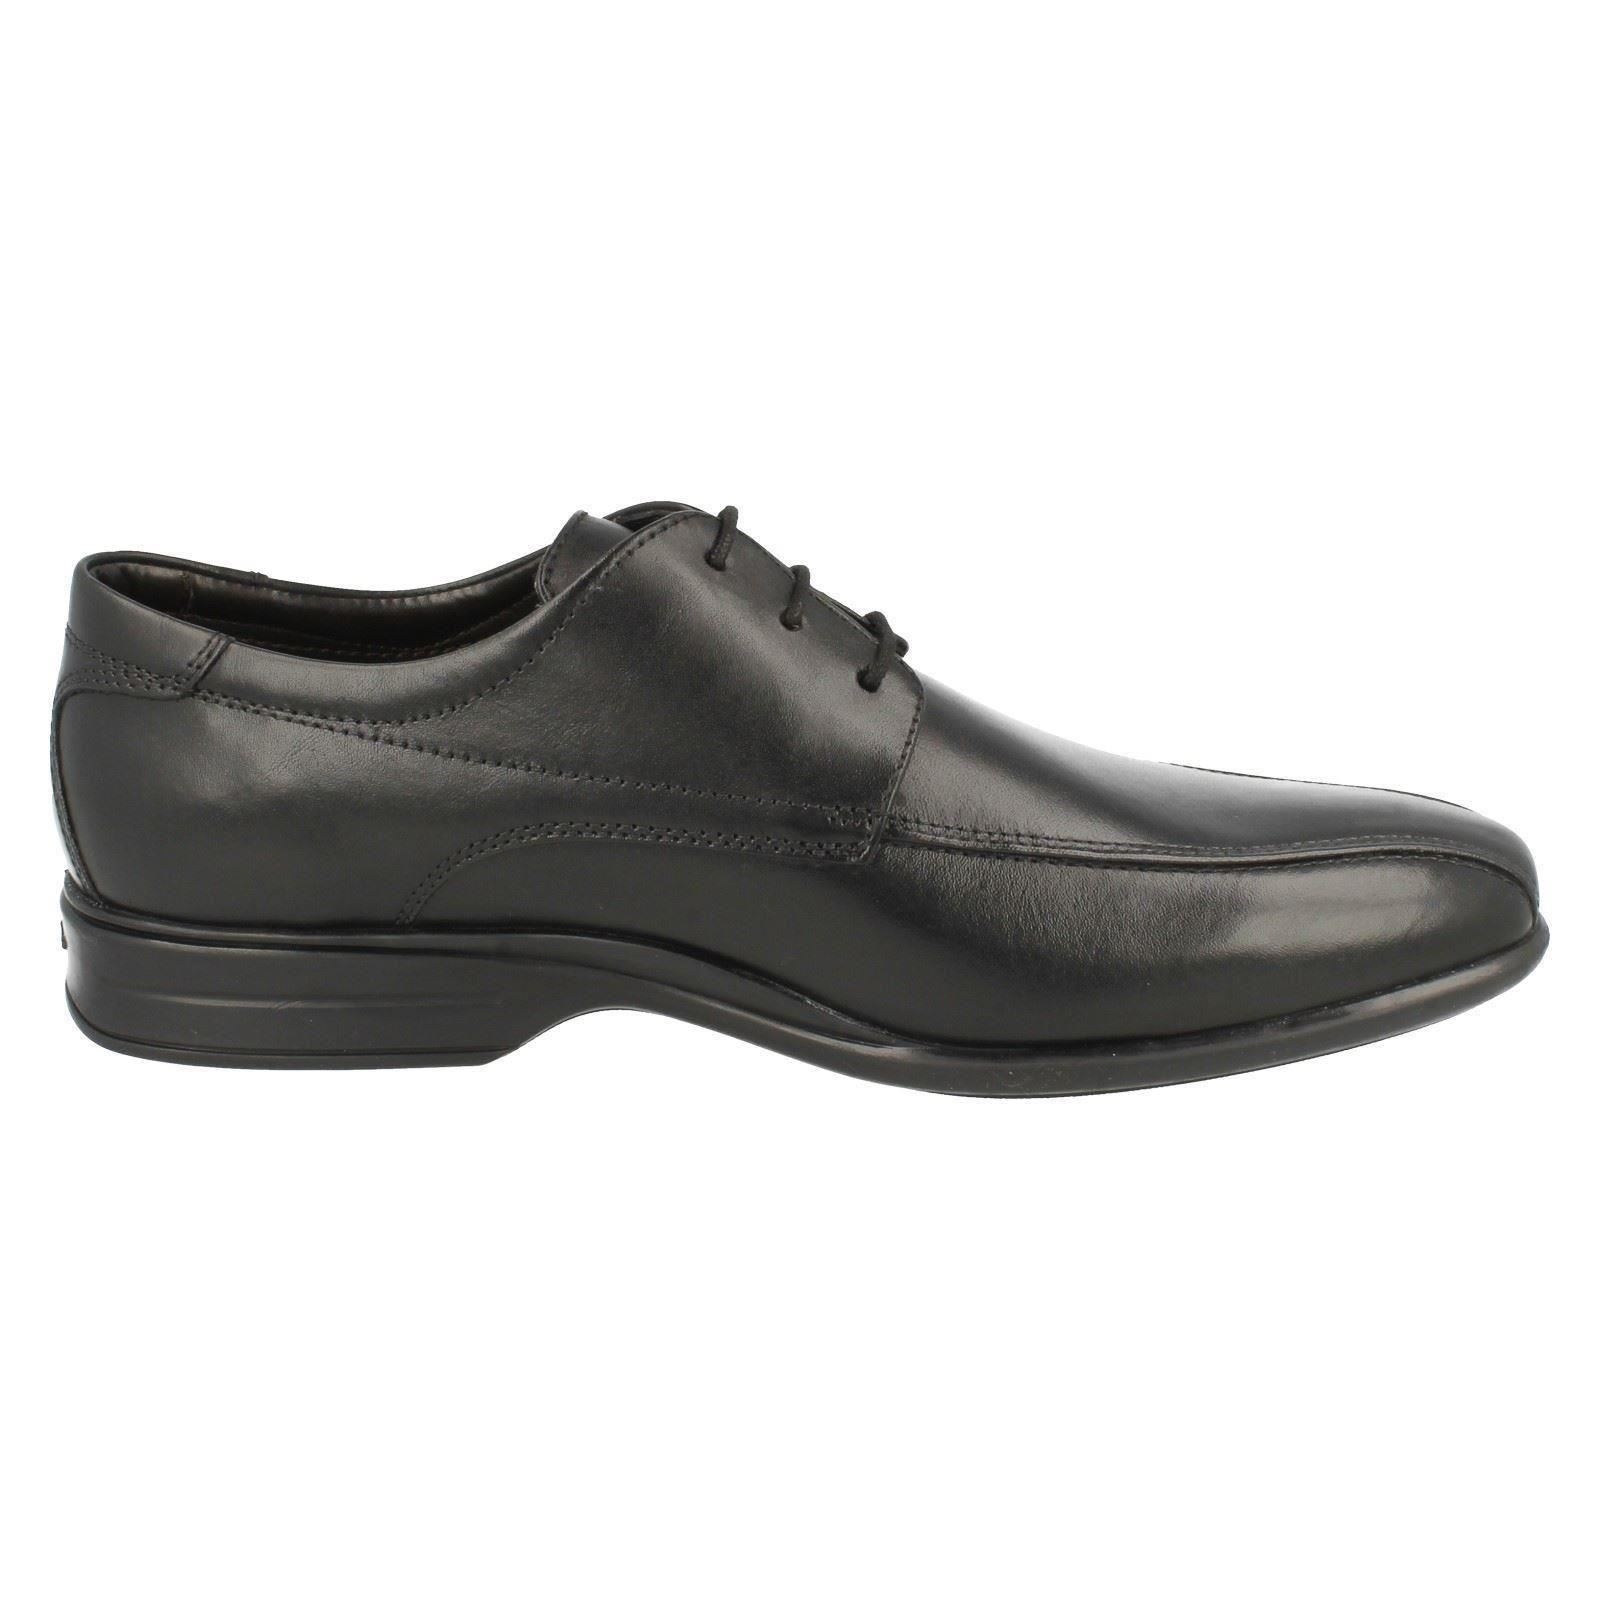 gadwell cordones negro hombre sobre con zapatos para Clarks wXRq1B